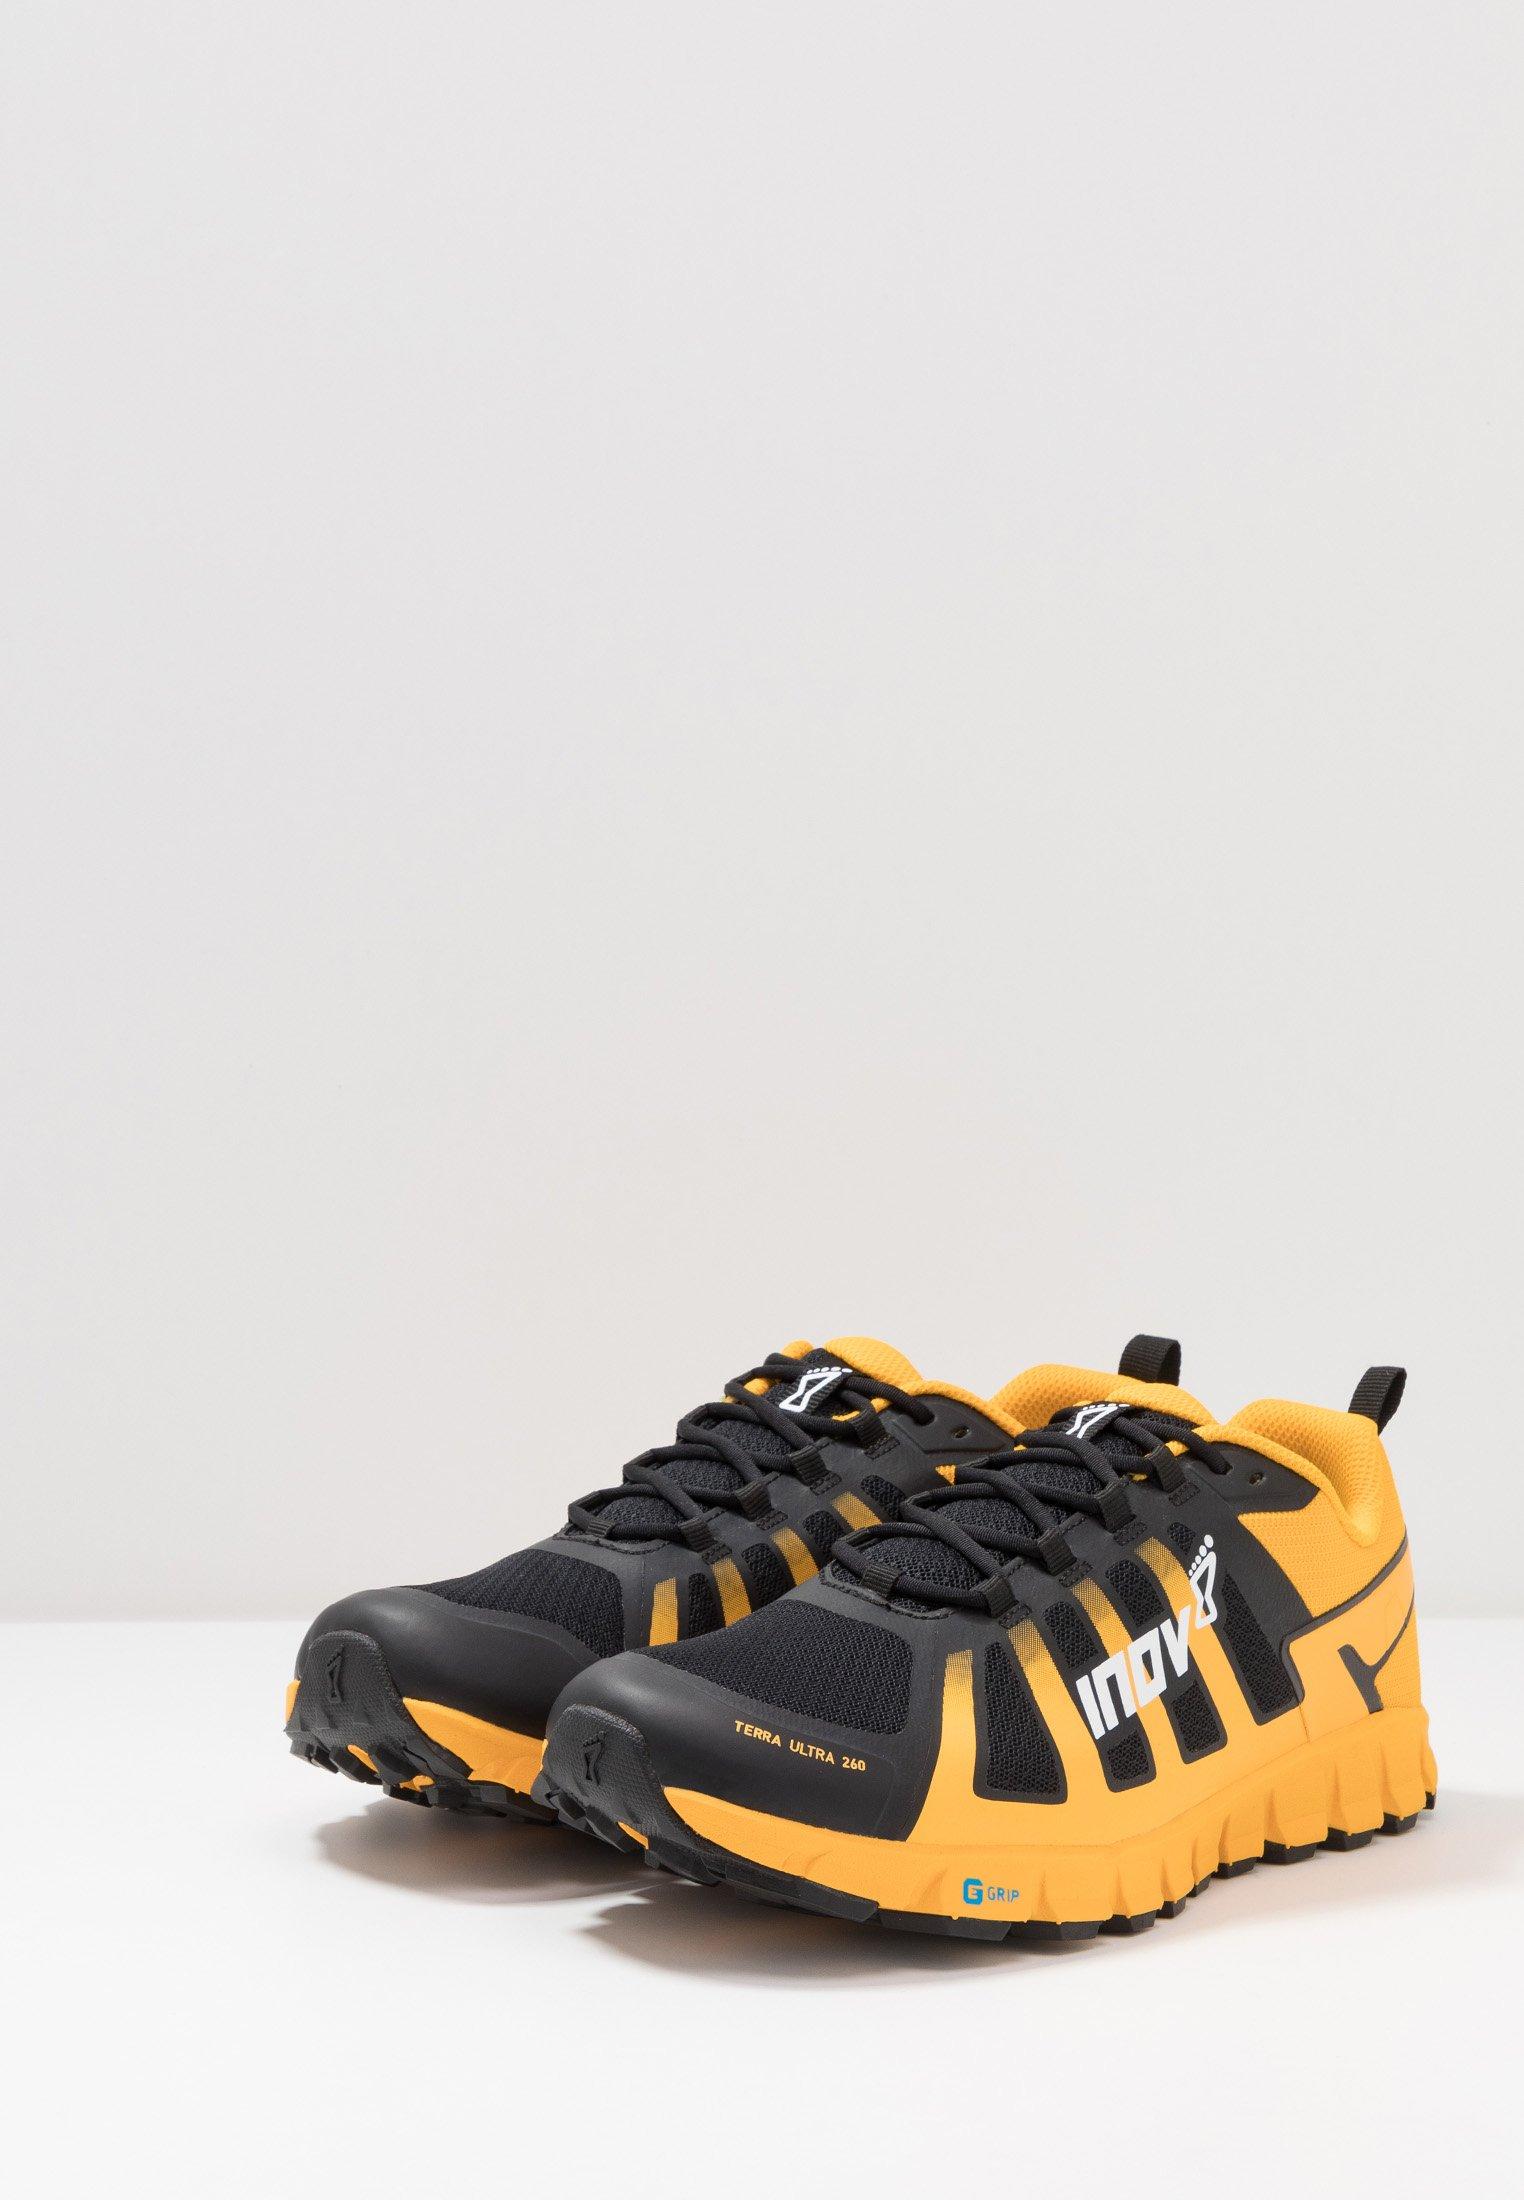 260Chaussures Yellow 8 Terraultra Inov black Running De lF3cTKJu1